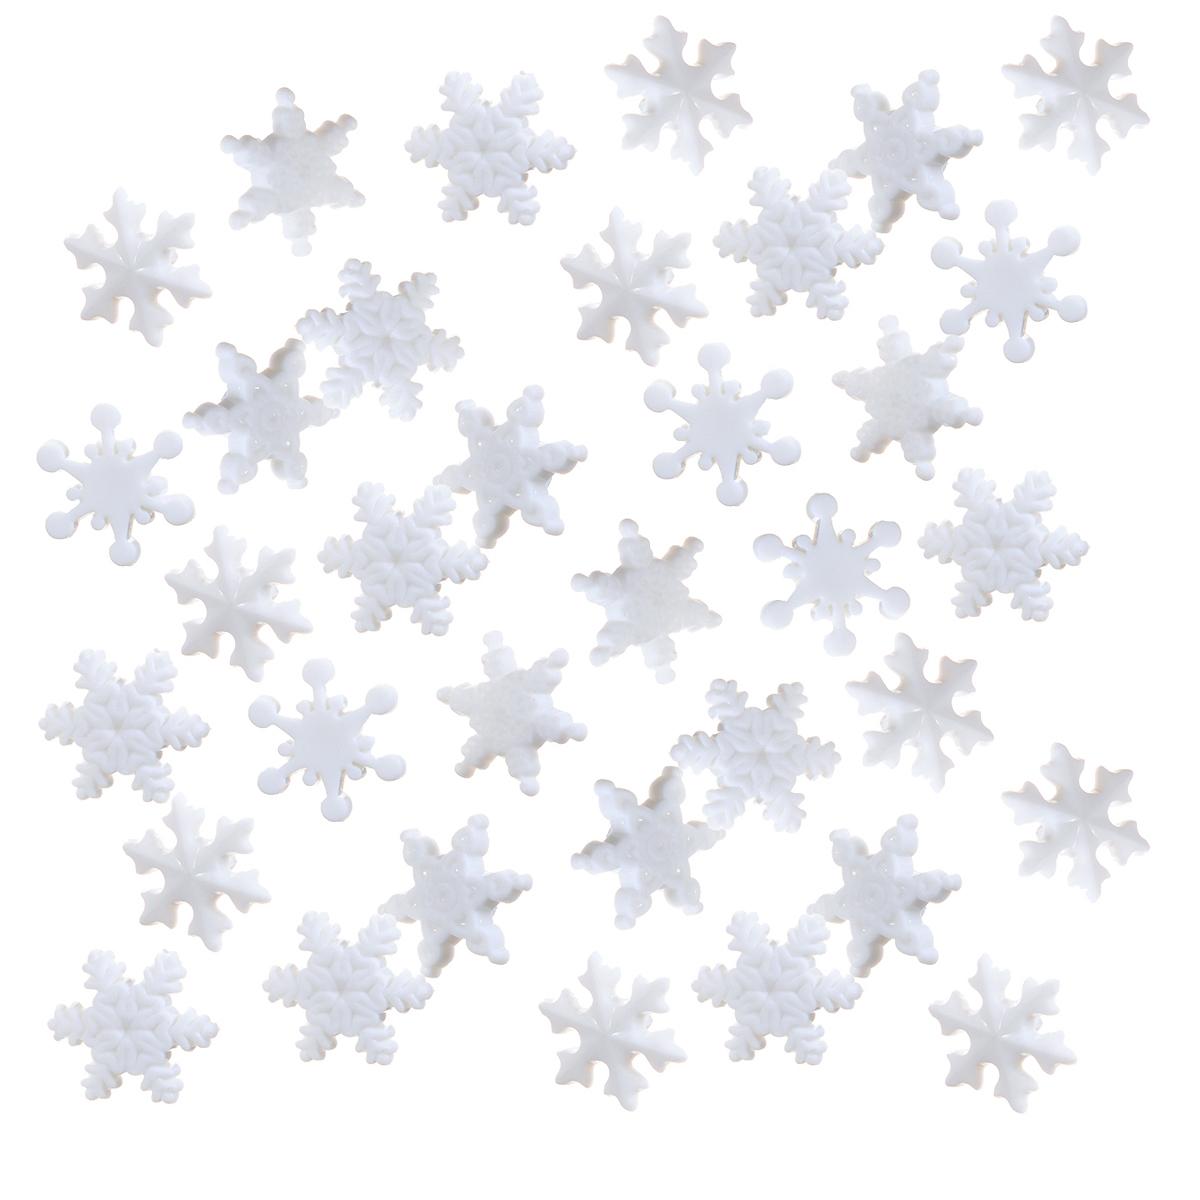 Пуговицы декоративные Dress It Up Звездочки, снежинки, 35 шт. 77024787702478Набор Dress It Up Звездочки, снежинки состоит из 35 декоративных пуговиц, выполненных из пластика в форме звездочек и снежинок. Такие пуговицы подходят для любых видов творчества: скрапбукинга, декорирования, шитья, изготовления кукол, а также для оформления одежды. С их помощью вы сможете украсить открытку, фотографию, альбом, подарок и другие предметы ручной работы. Пуговицы разных цветов имеют оригинальный и яркий дизайн.